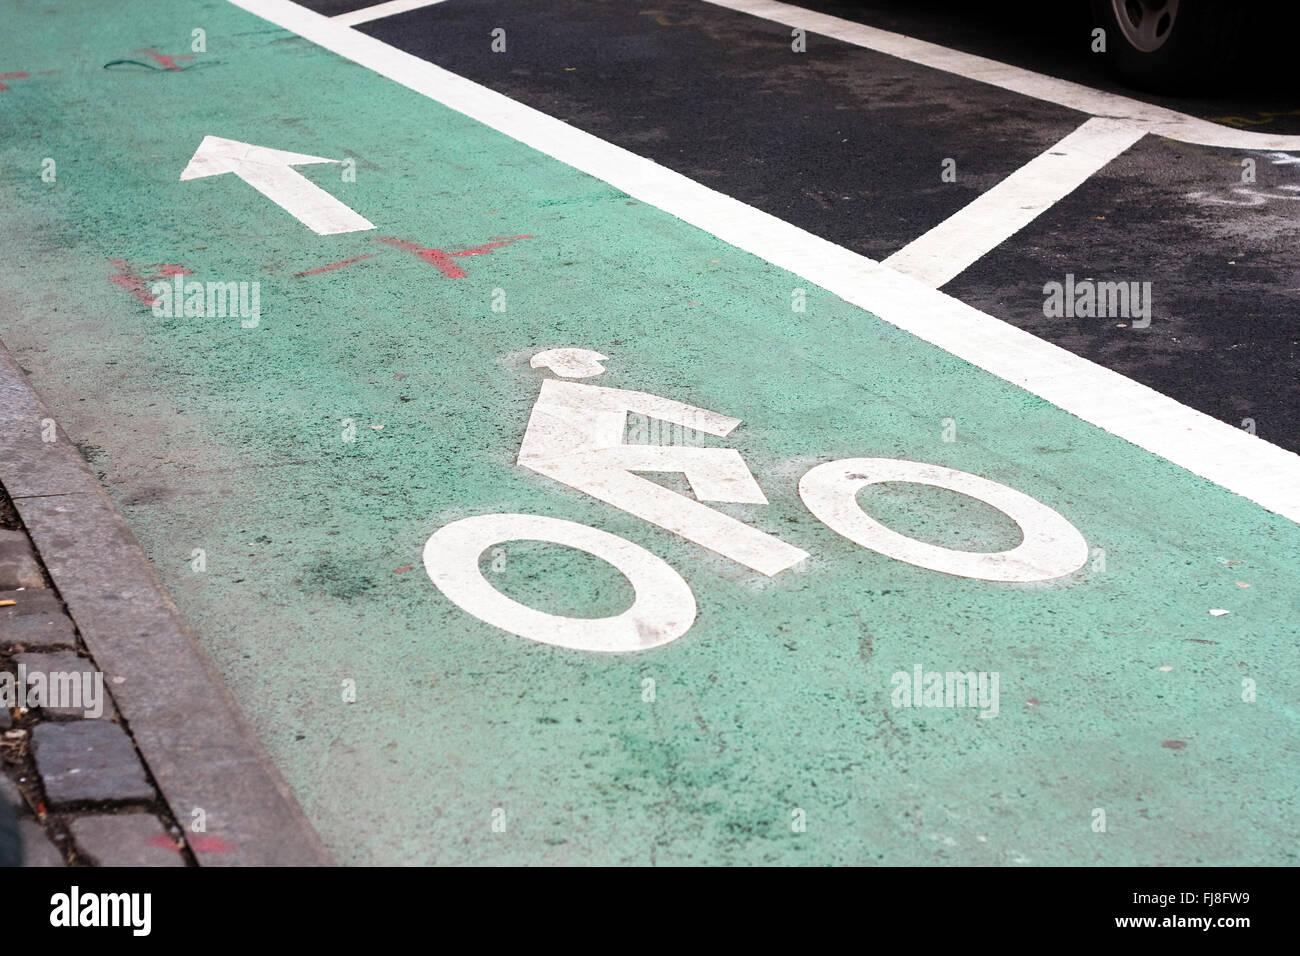 Vernice verde sulla strada che designa una apposita pista ciclabile con un moto simbolo freccia e dipinta in bianco Immagini Stock